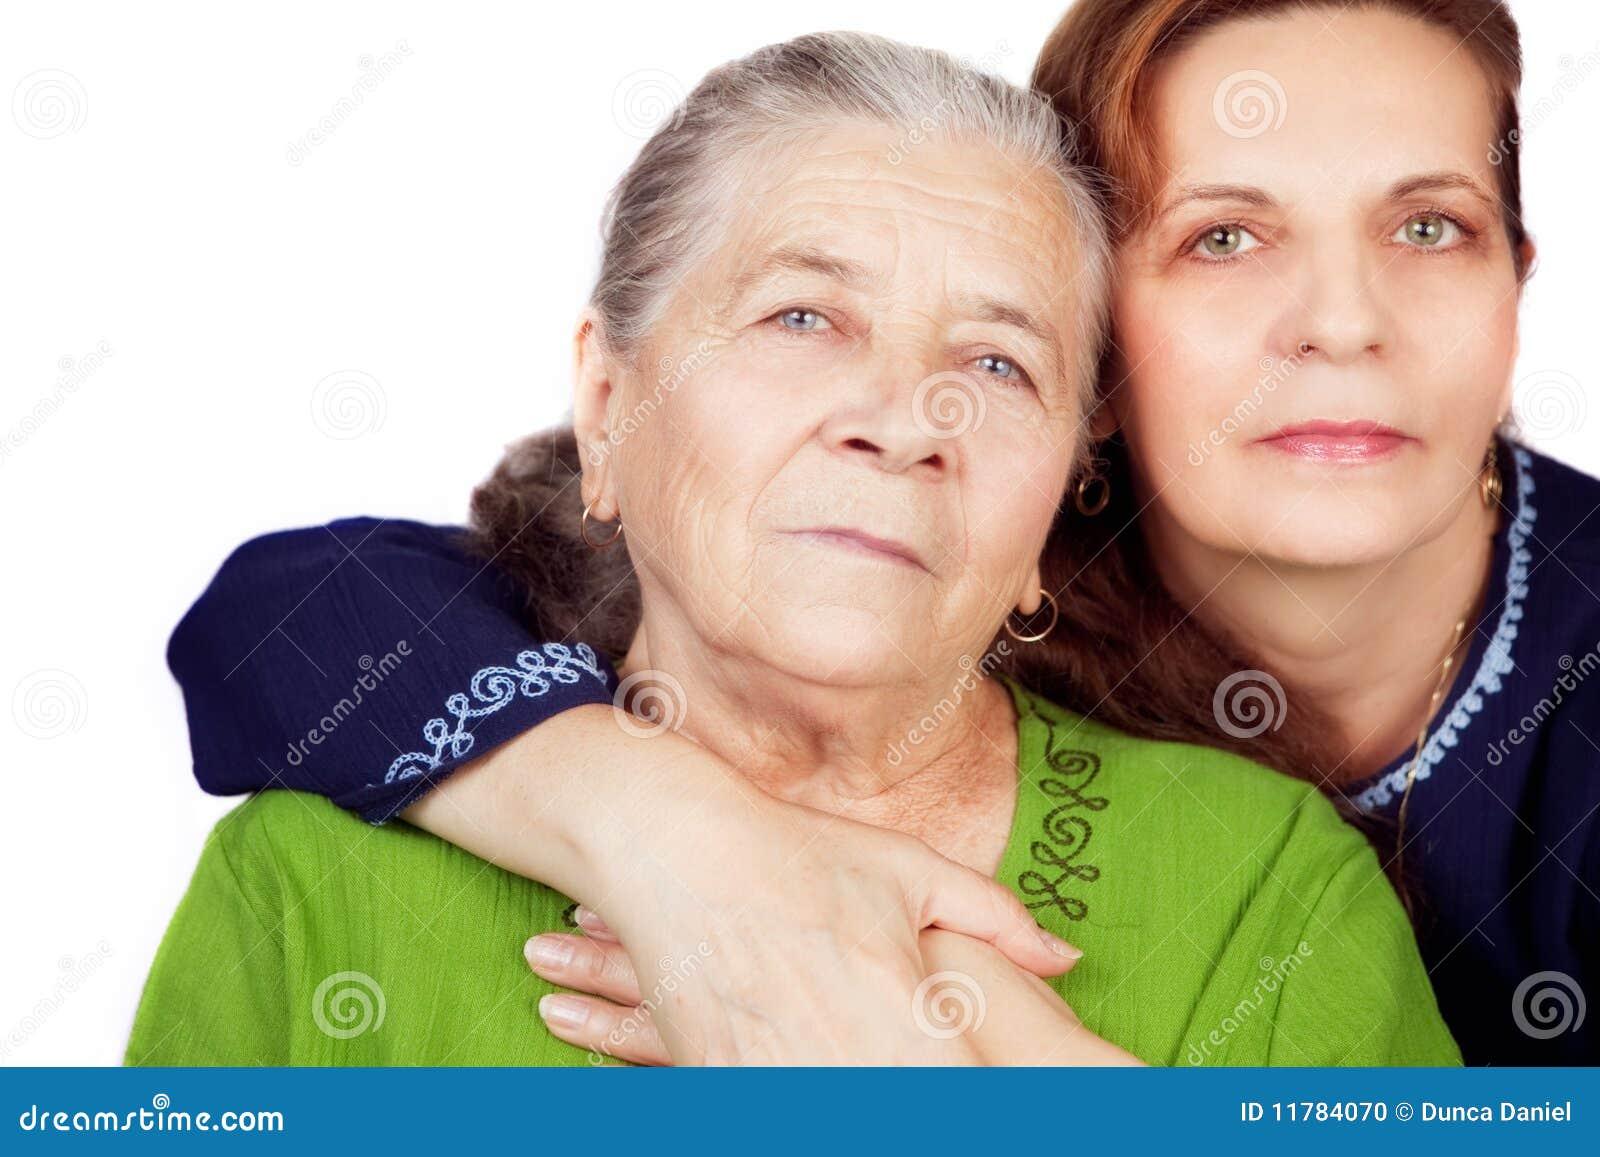 Familienportrait - glückliche Tochter und alte Mutter